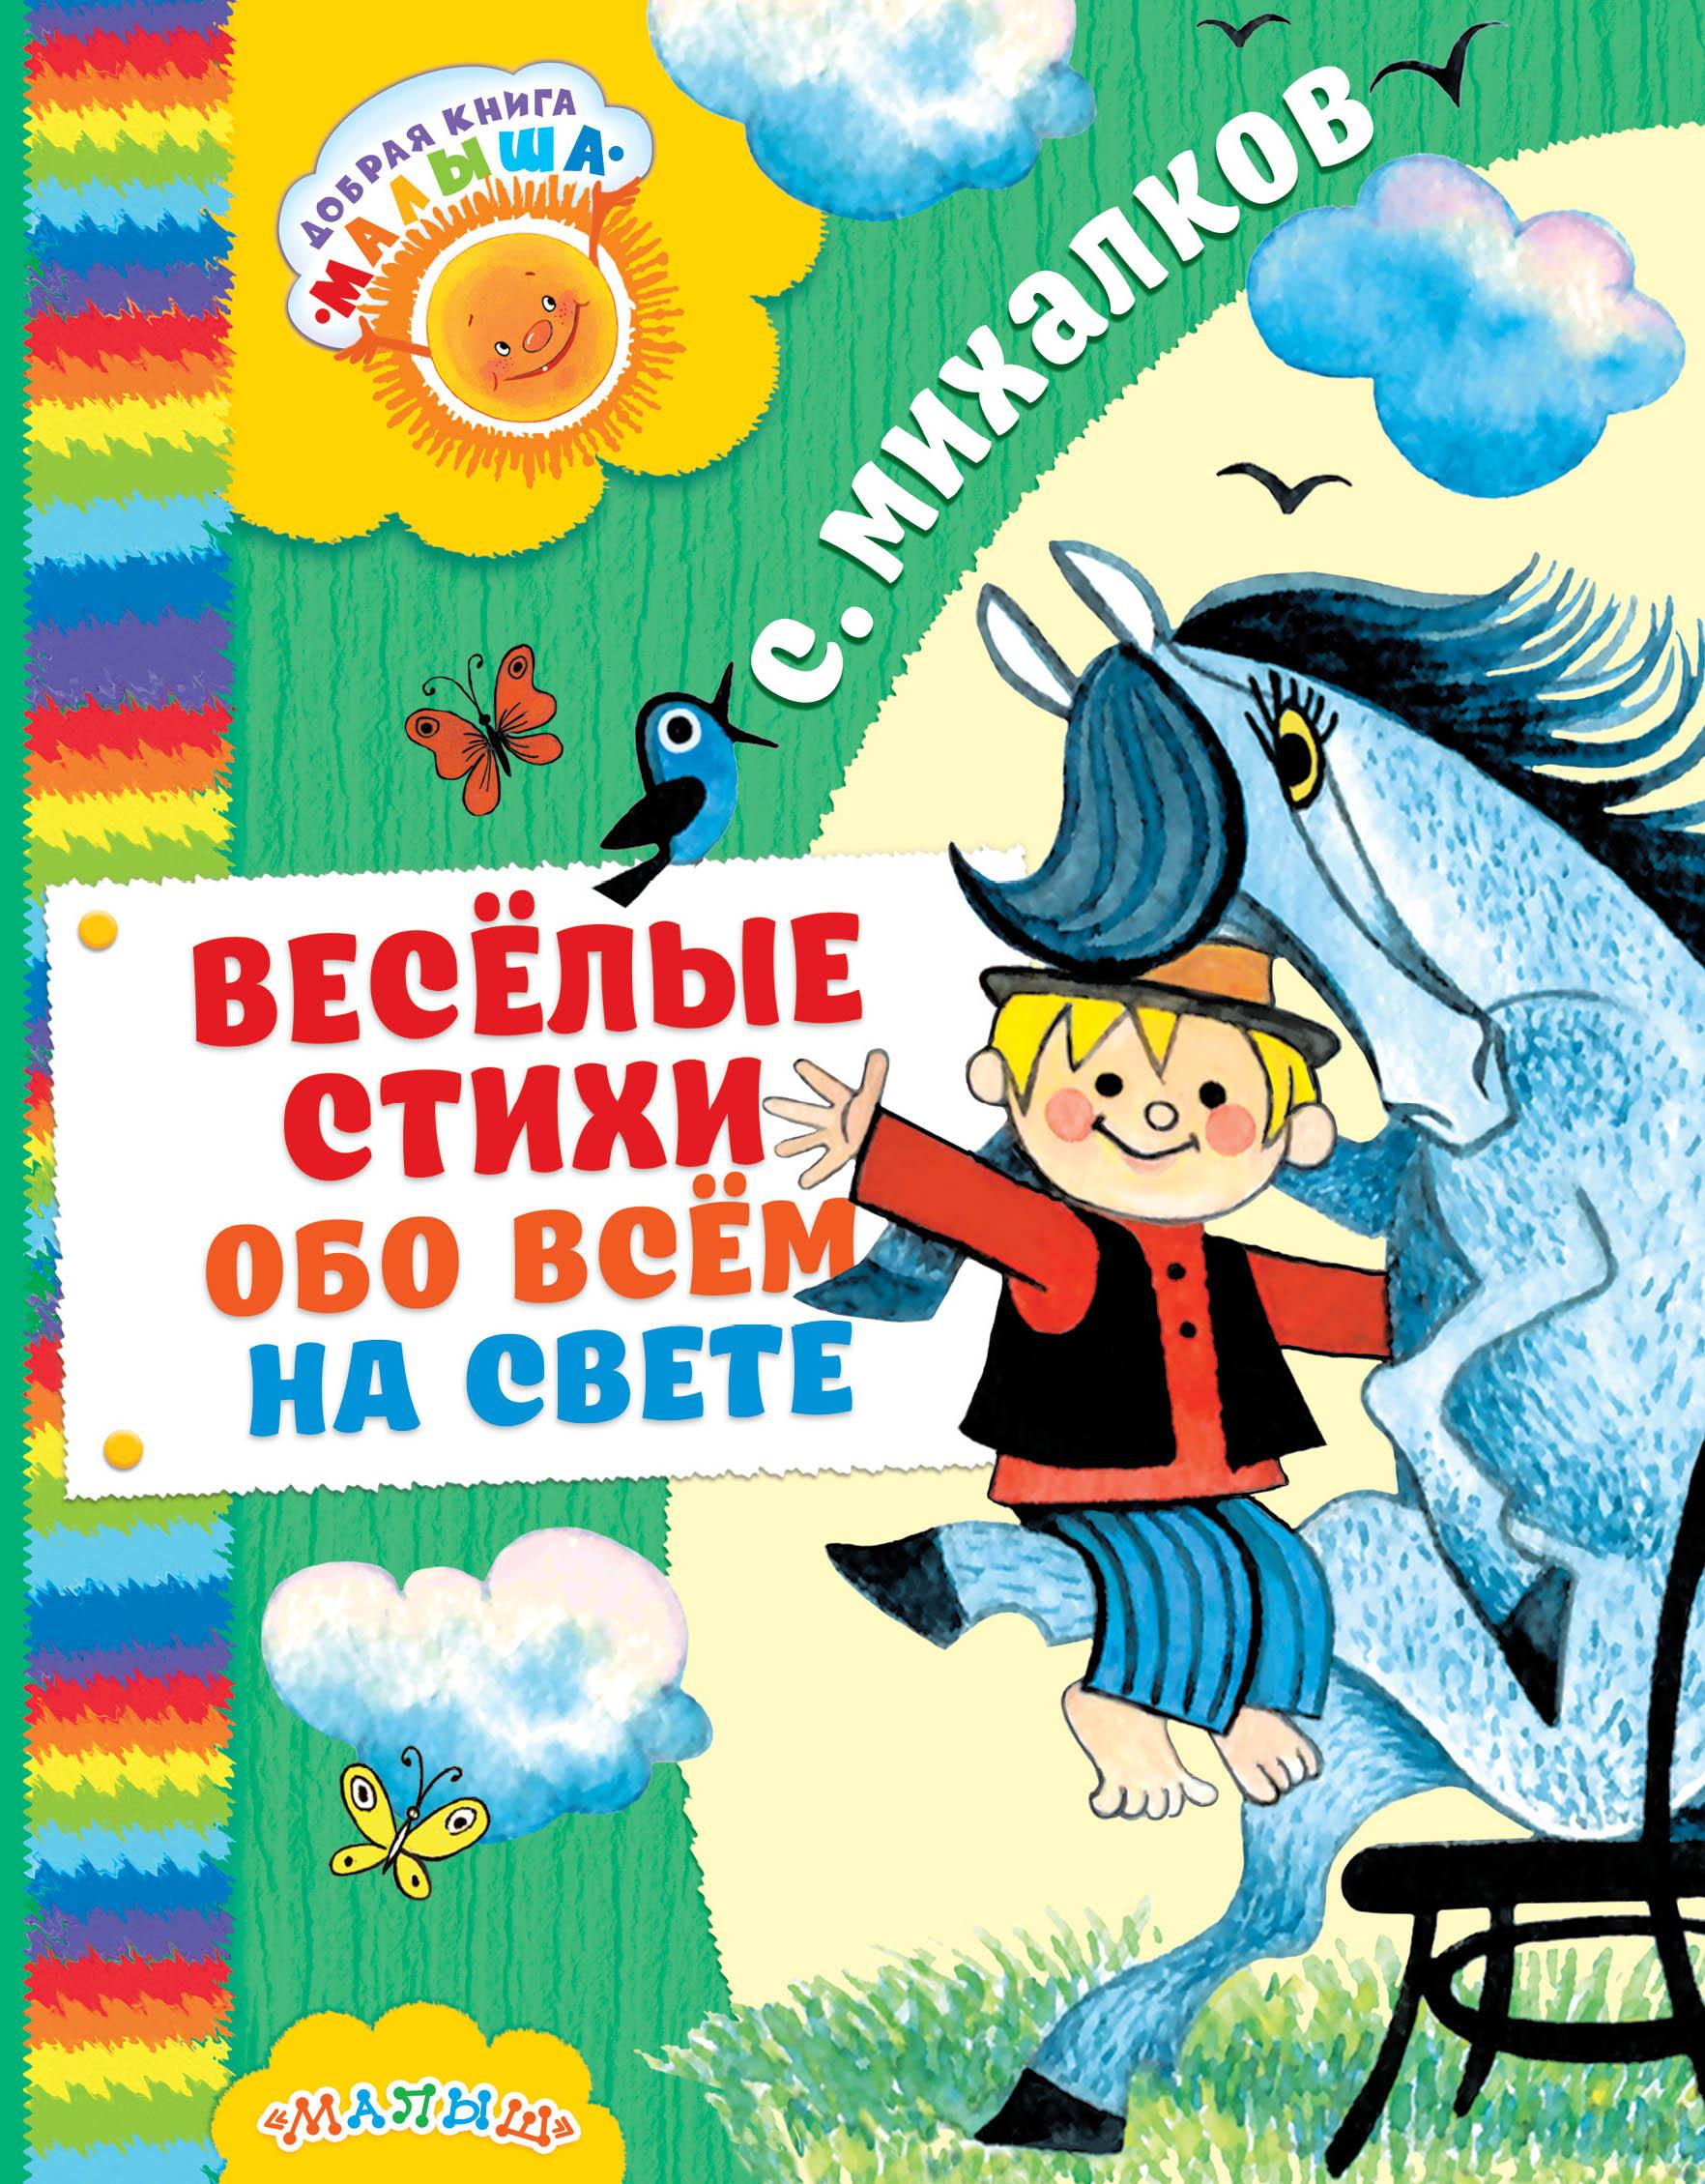 Михалков С.В. Весёлые стихи обо всём на свете коллектив авторов радость стихи скороговорки песенка